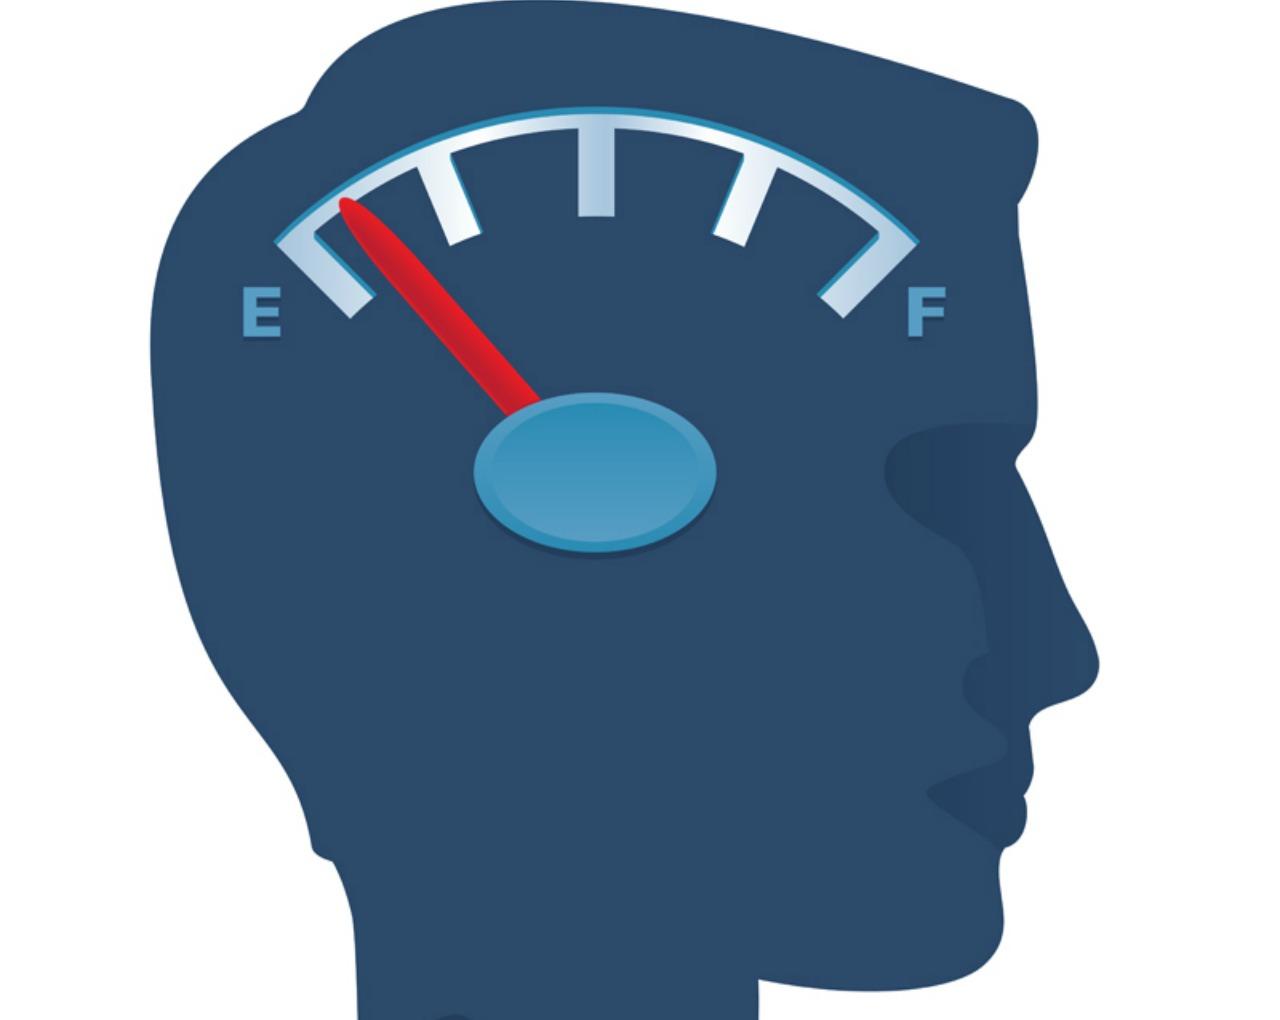 Yorgun düşmüş bir beyin neden yanlış kararlar vermemize neden olur?  Yorgun düşmüş bir beyin neden yanlış kararlar vermemize neden olur? beyin enerjisi 01